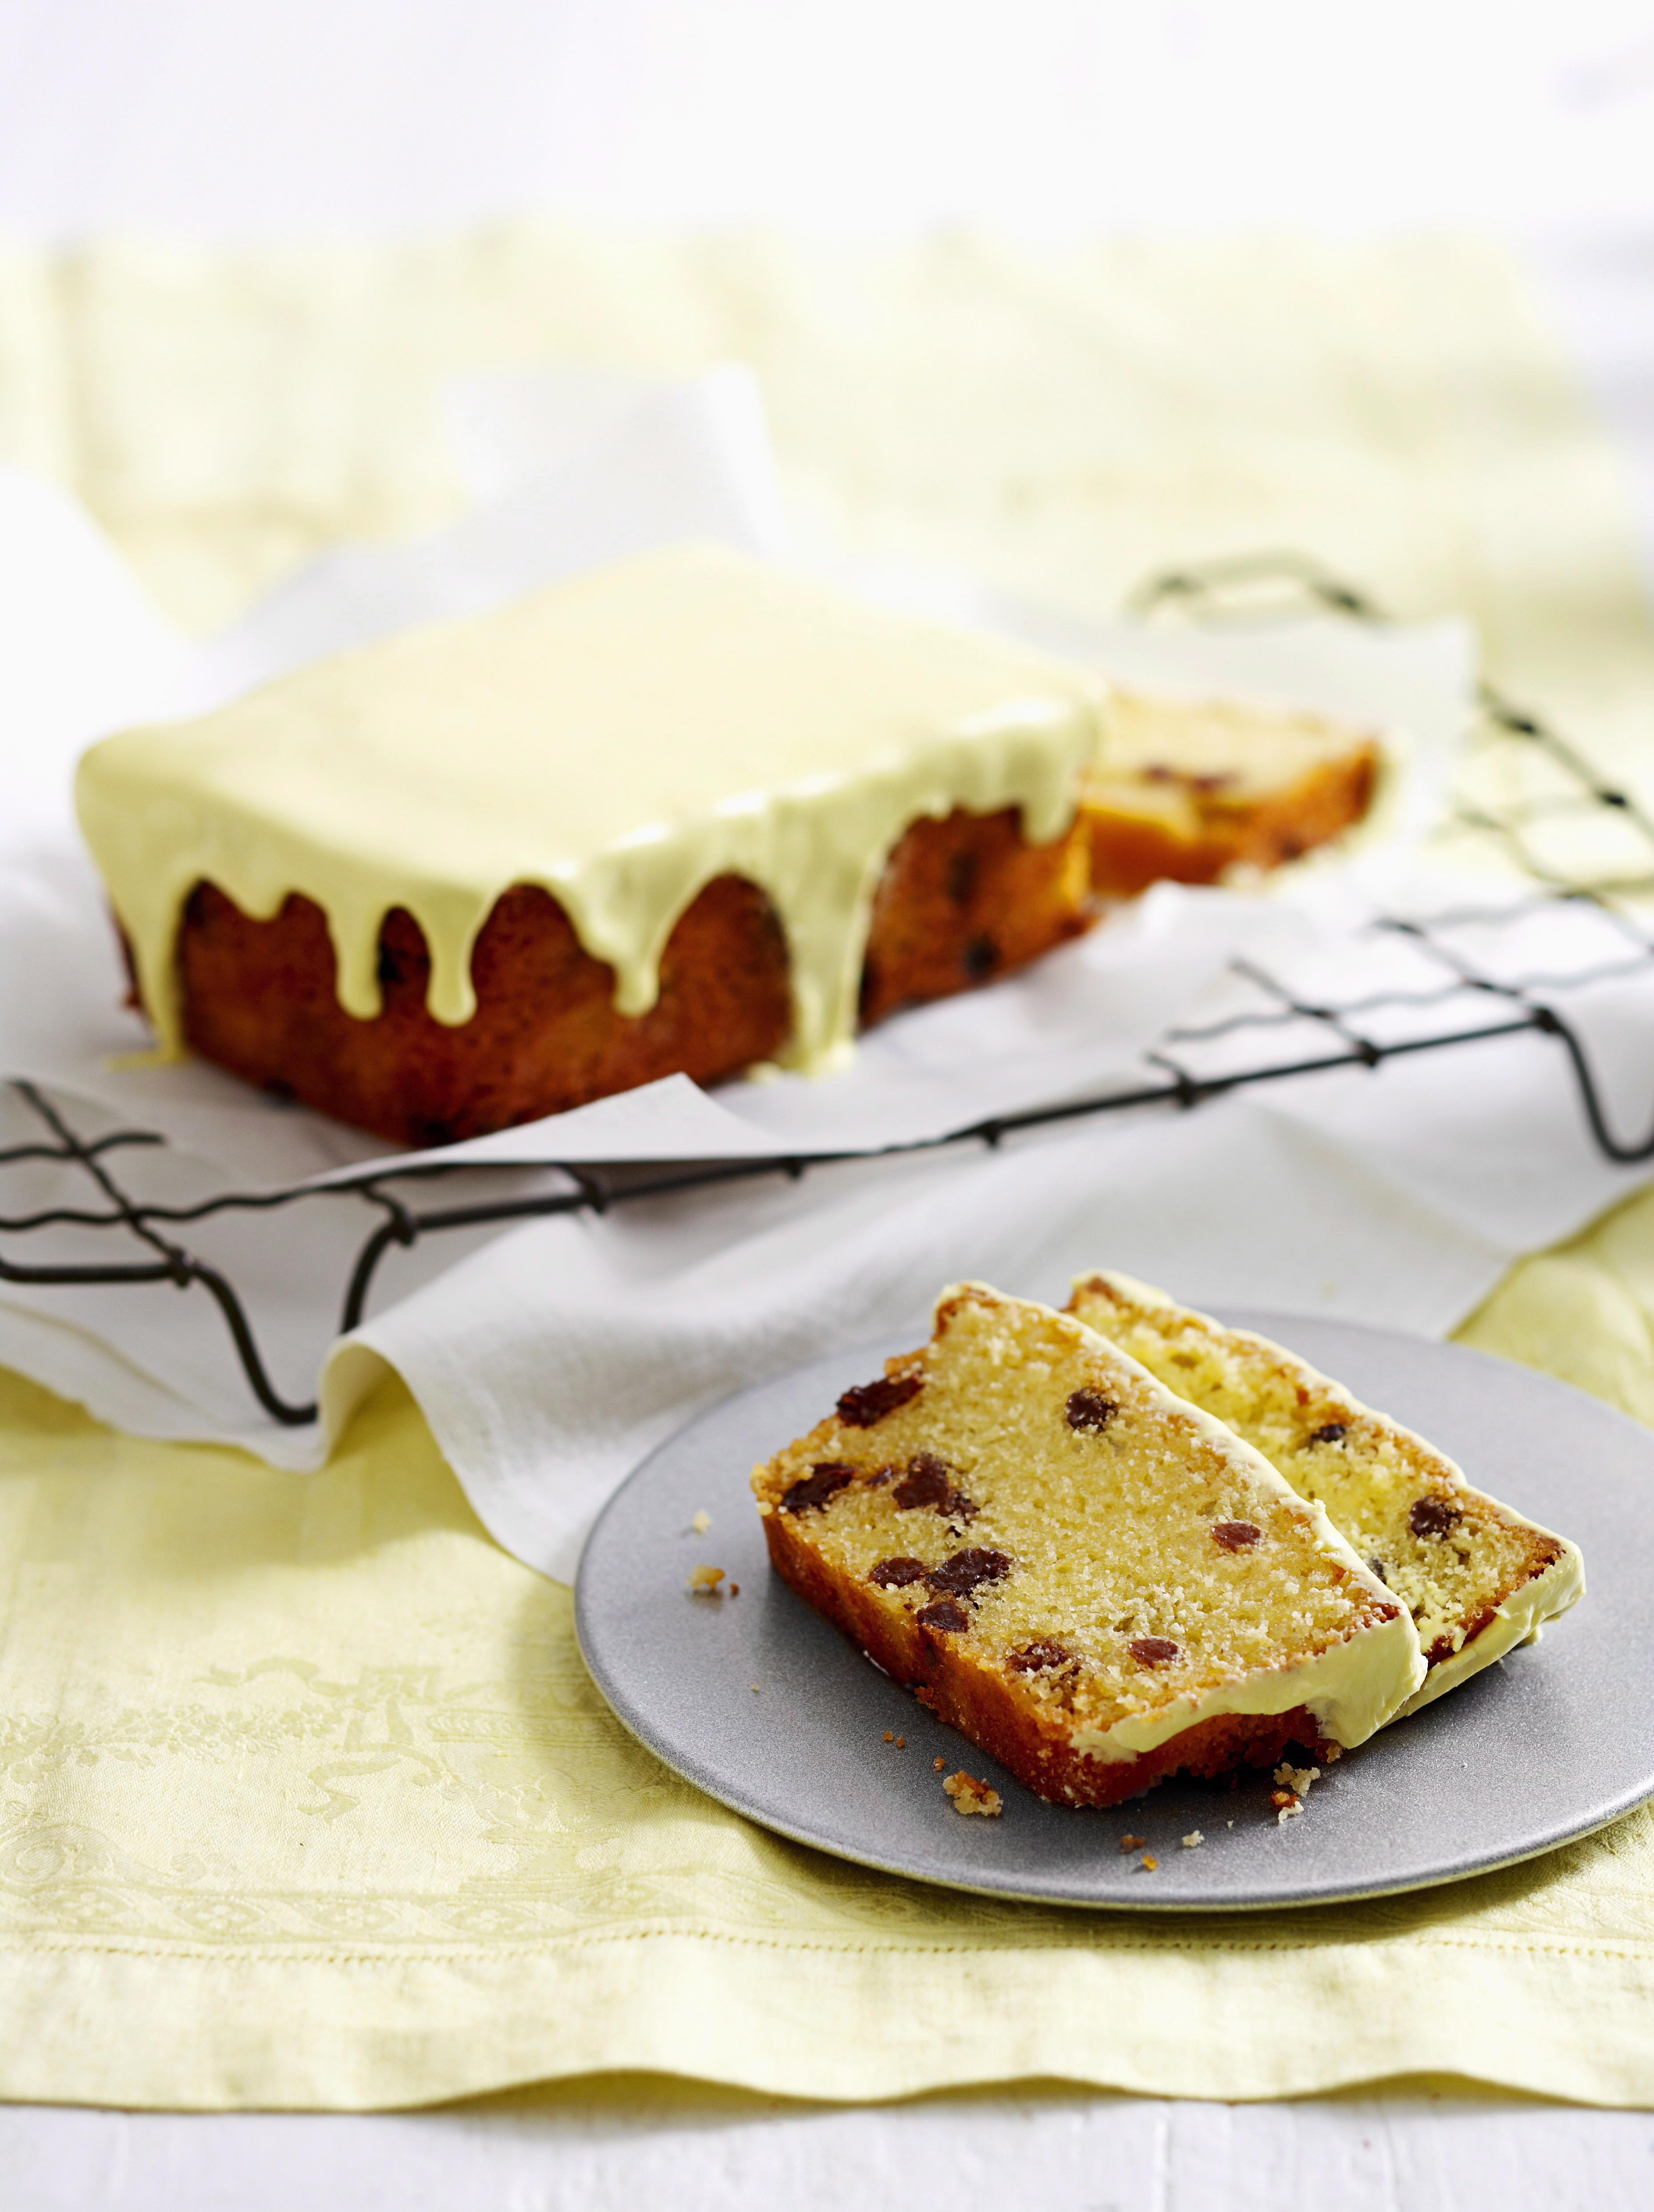 Sultana Sponge Cake Recipe